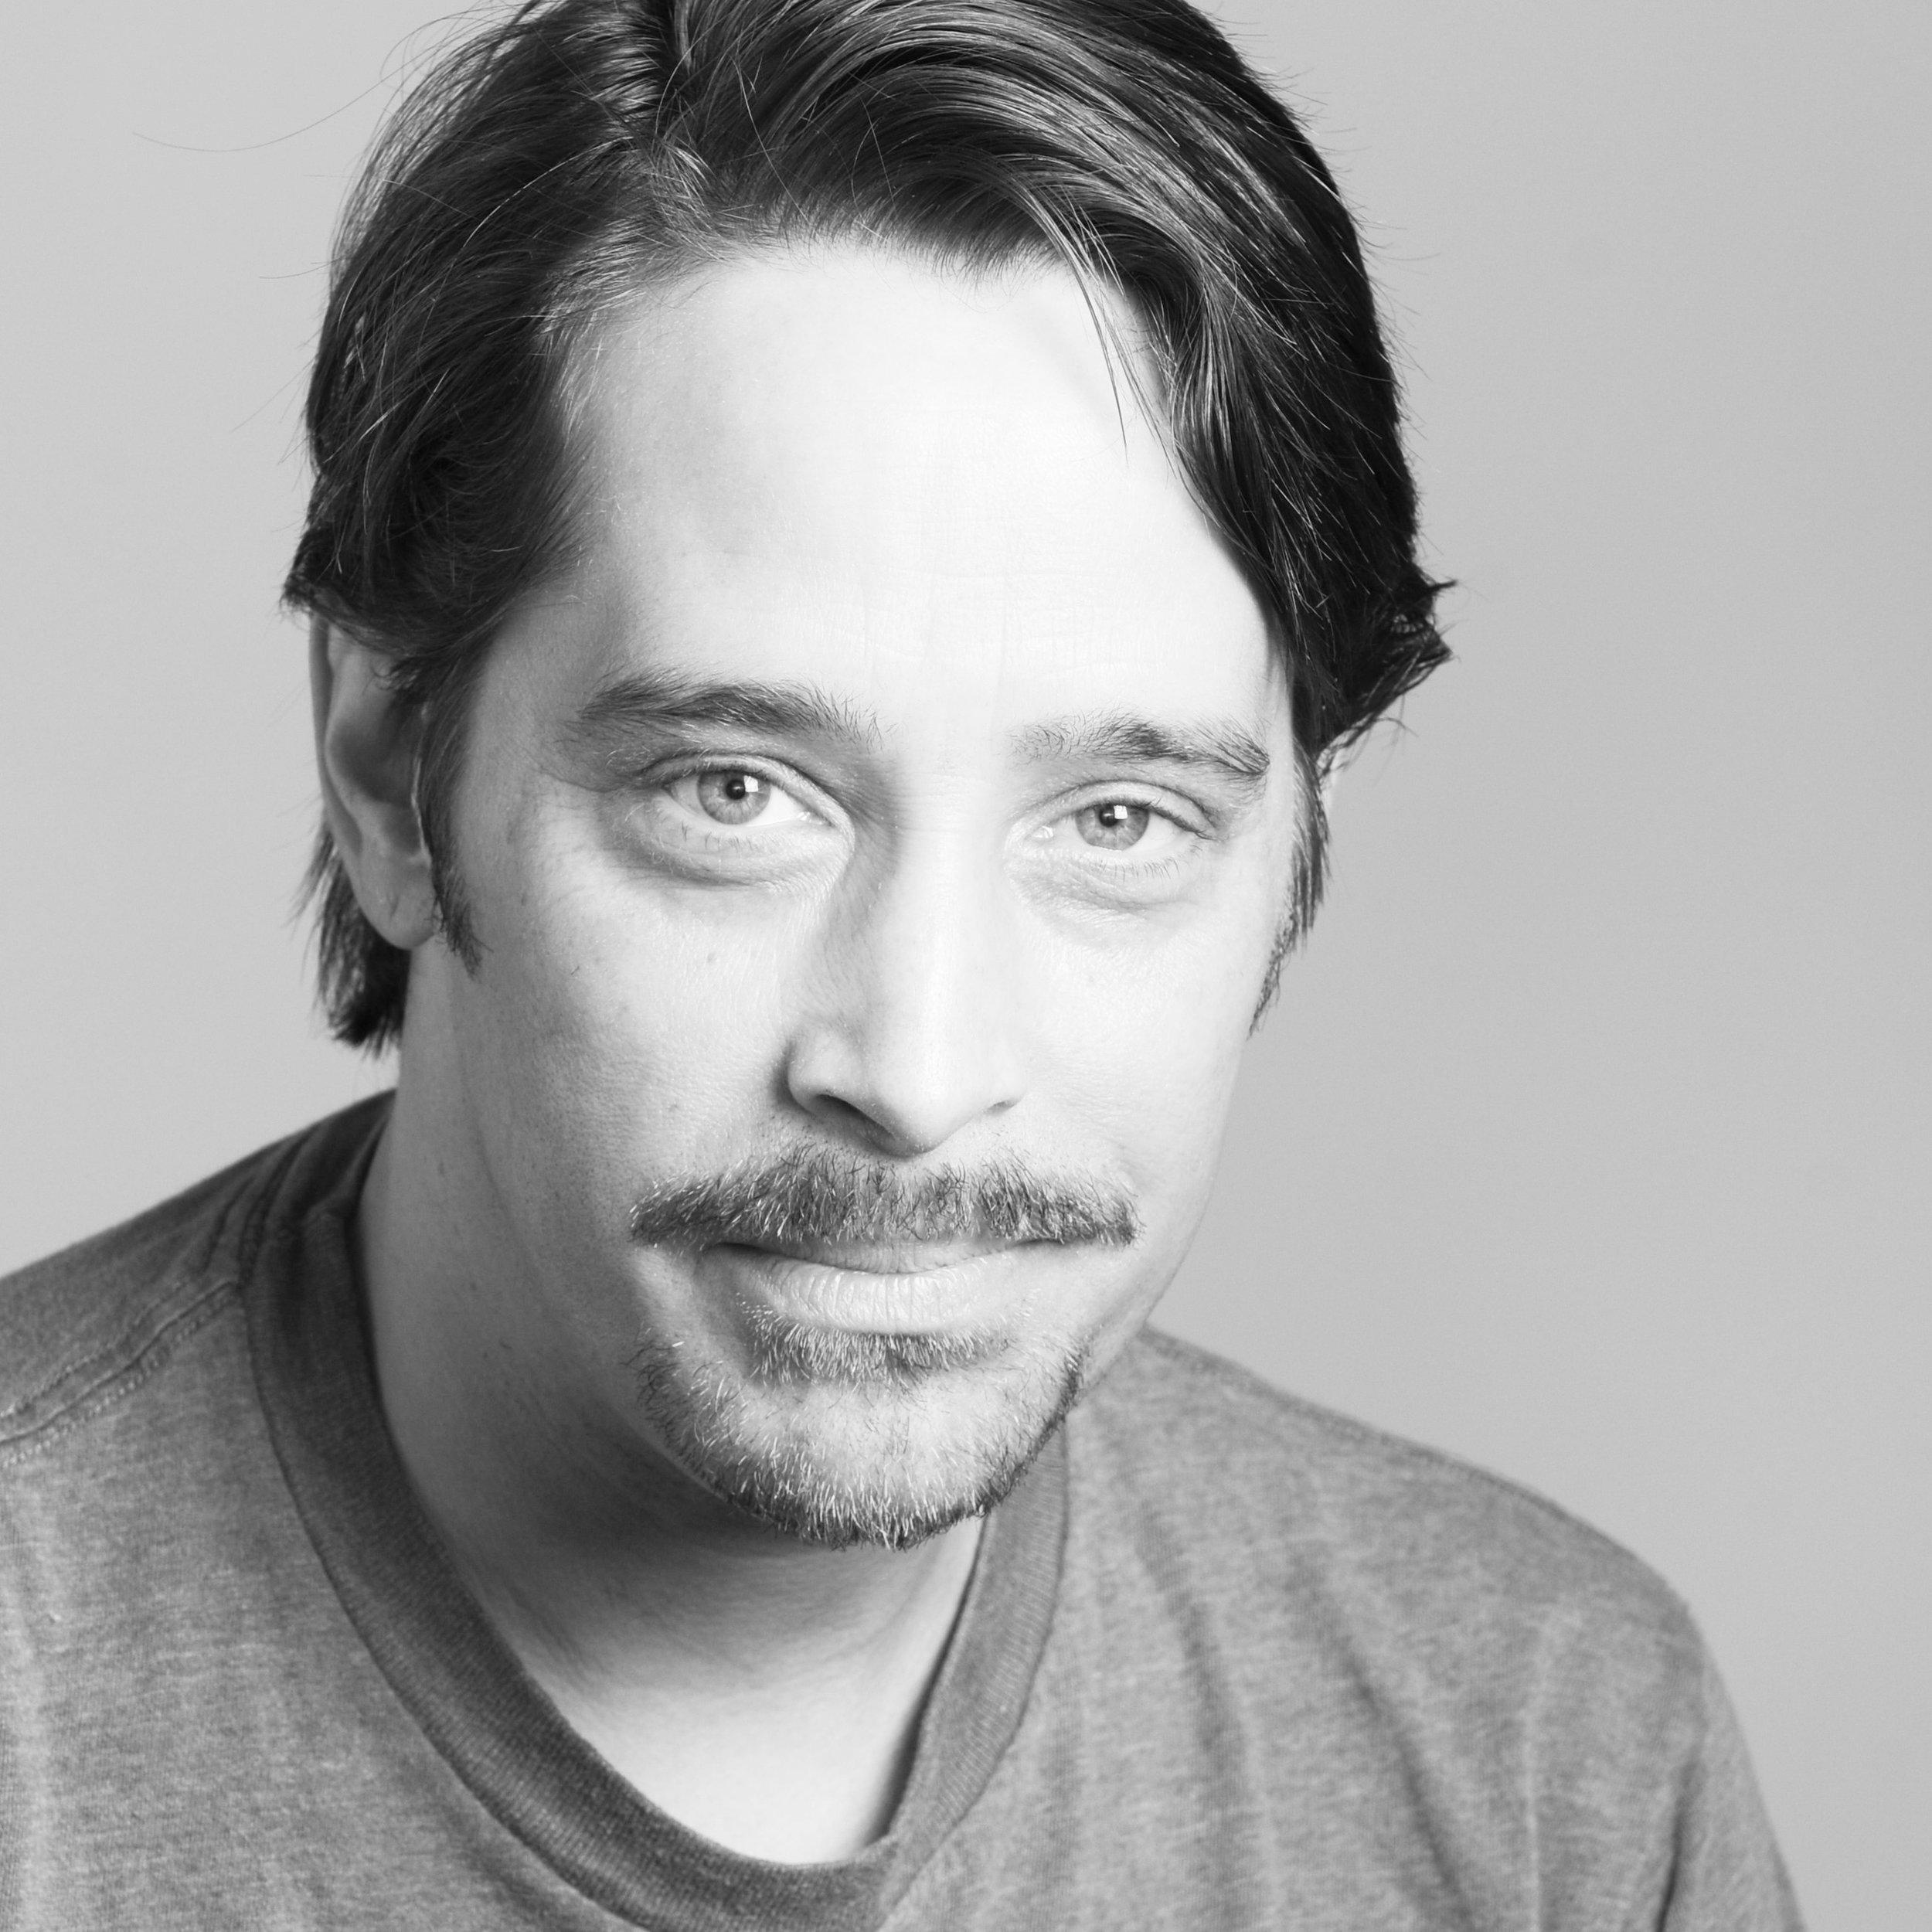 Andrew Hubatsek